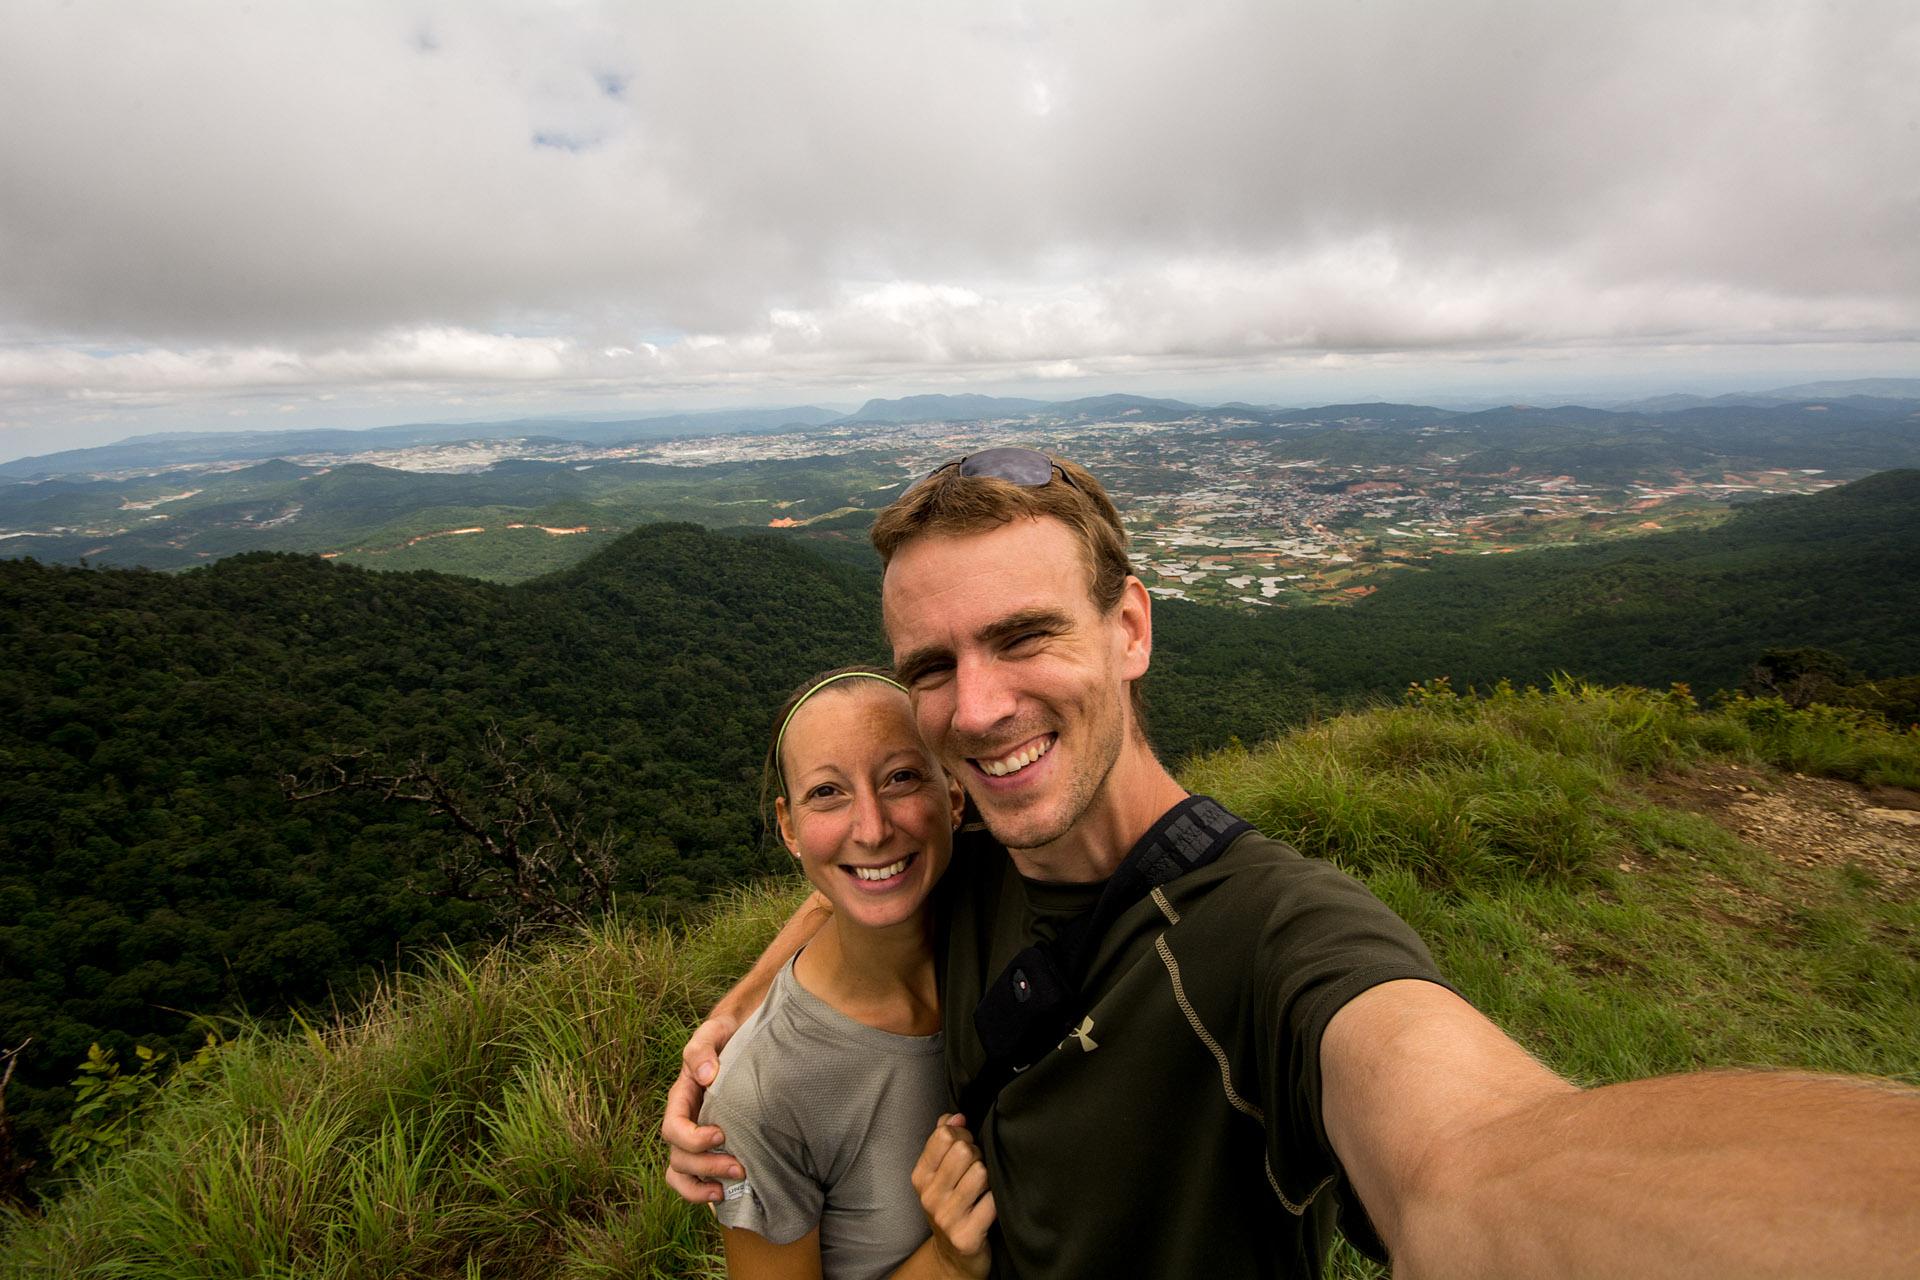 Lang Biang summit (7,110 feet)